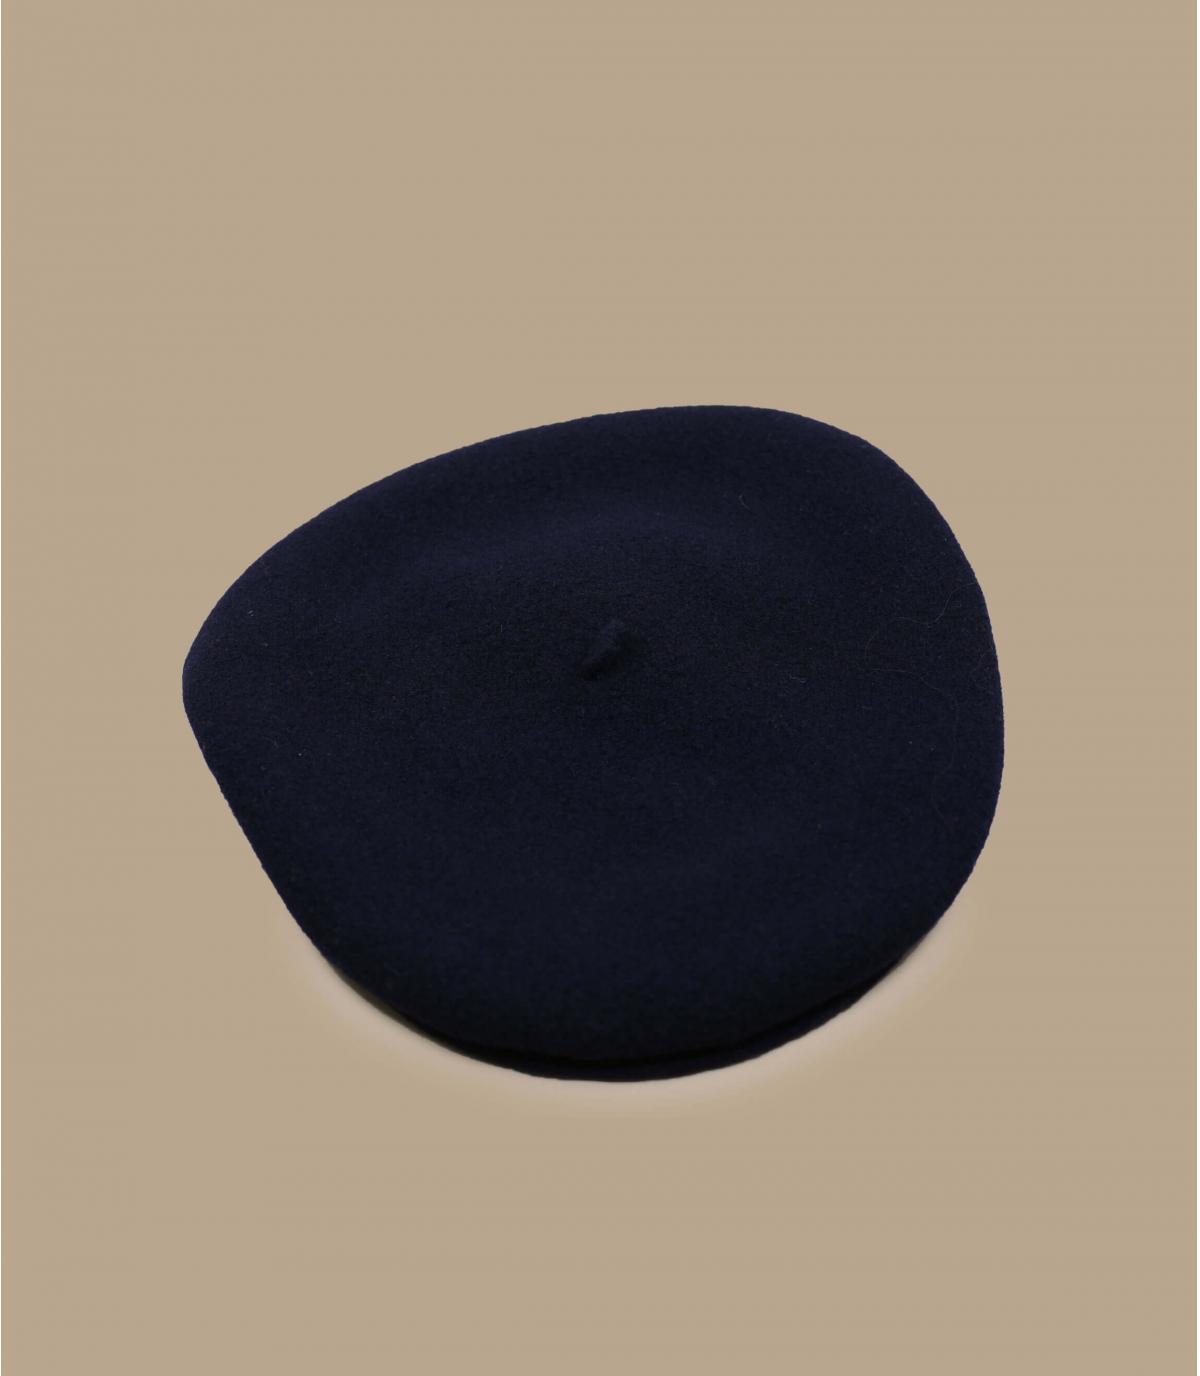 béret mérinos bleu Laulhère